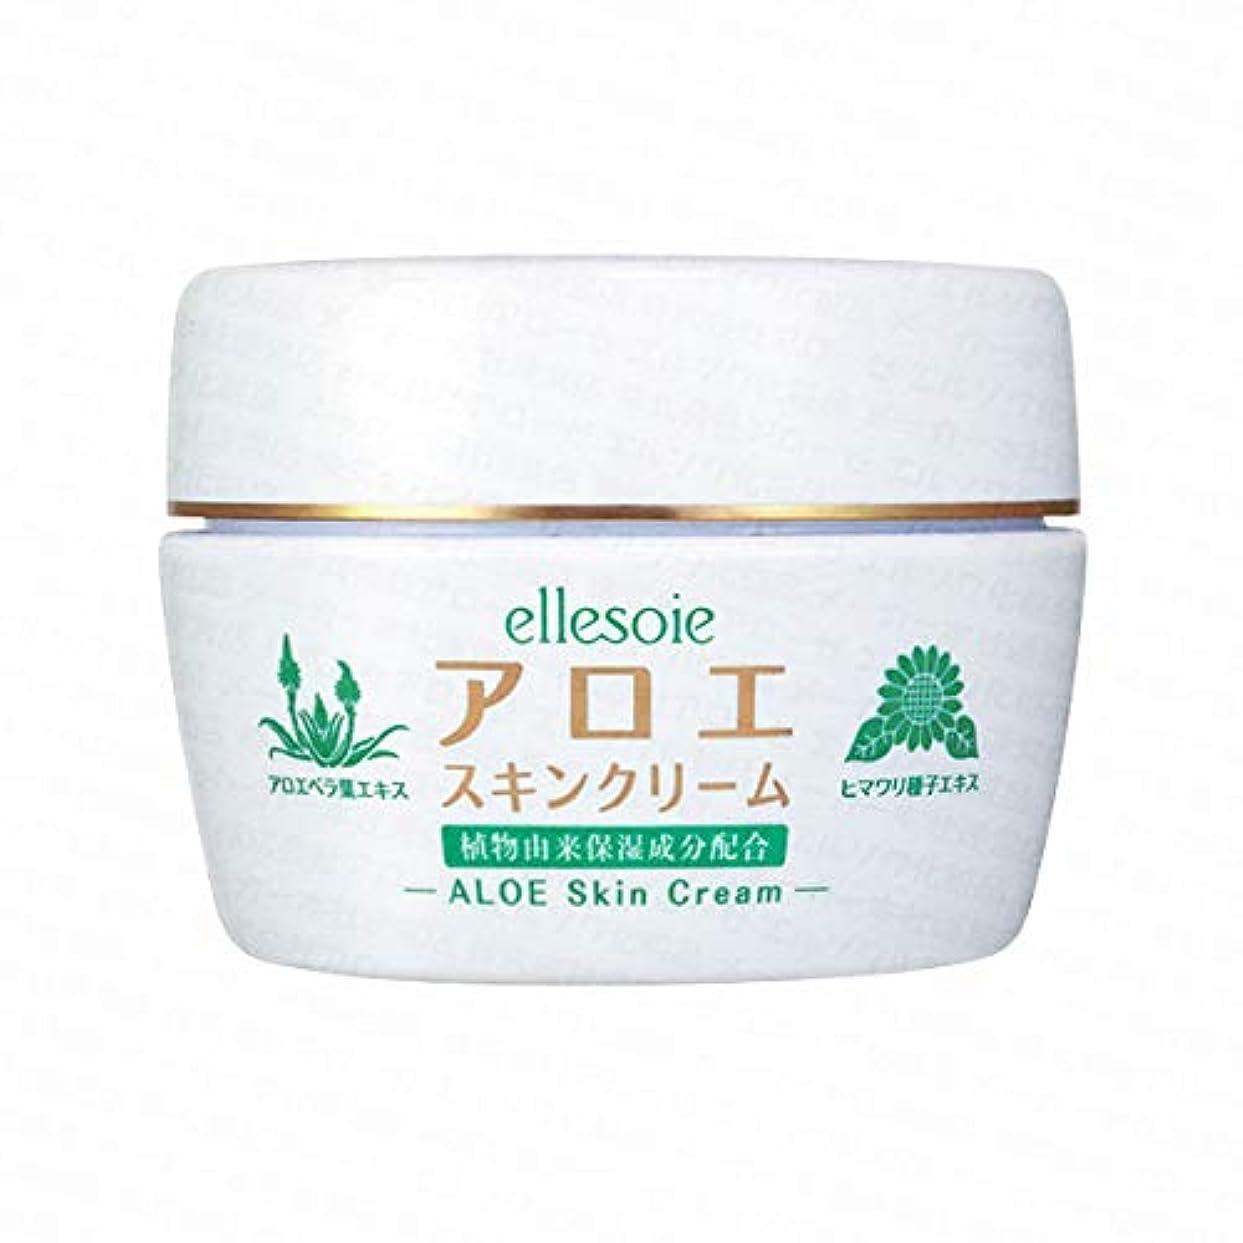 一般化する香水来てエルソワ化粧品(ellesoie) アロエスキンクリーム 本体210g ボディ用保湿クリーム